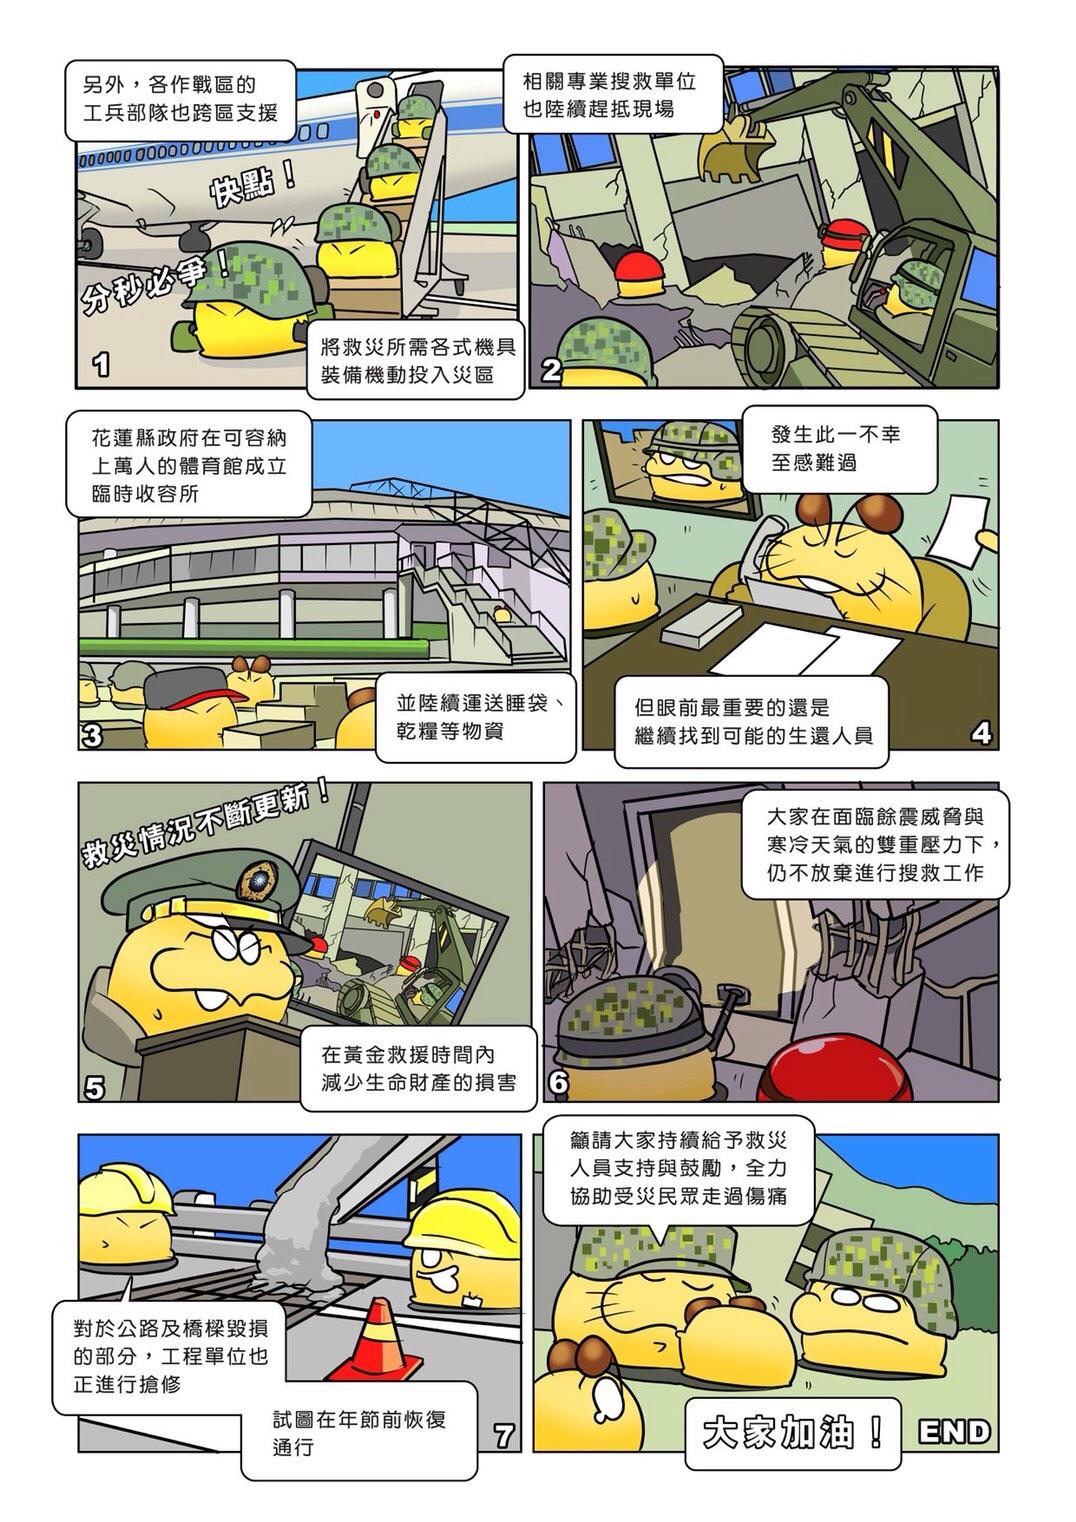 國防Online漫畫22期-攜手同心,共渡難關02.jpg